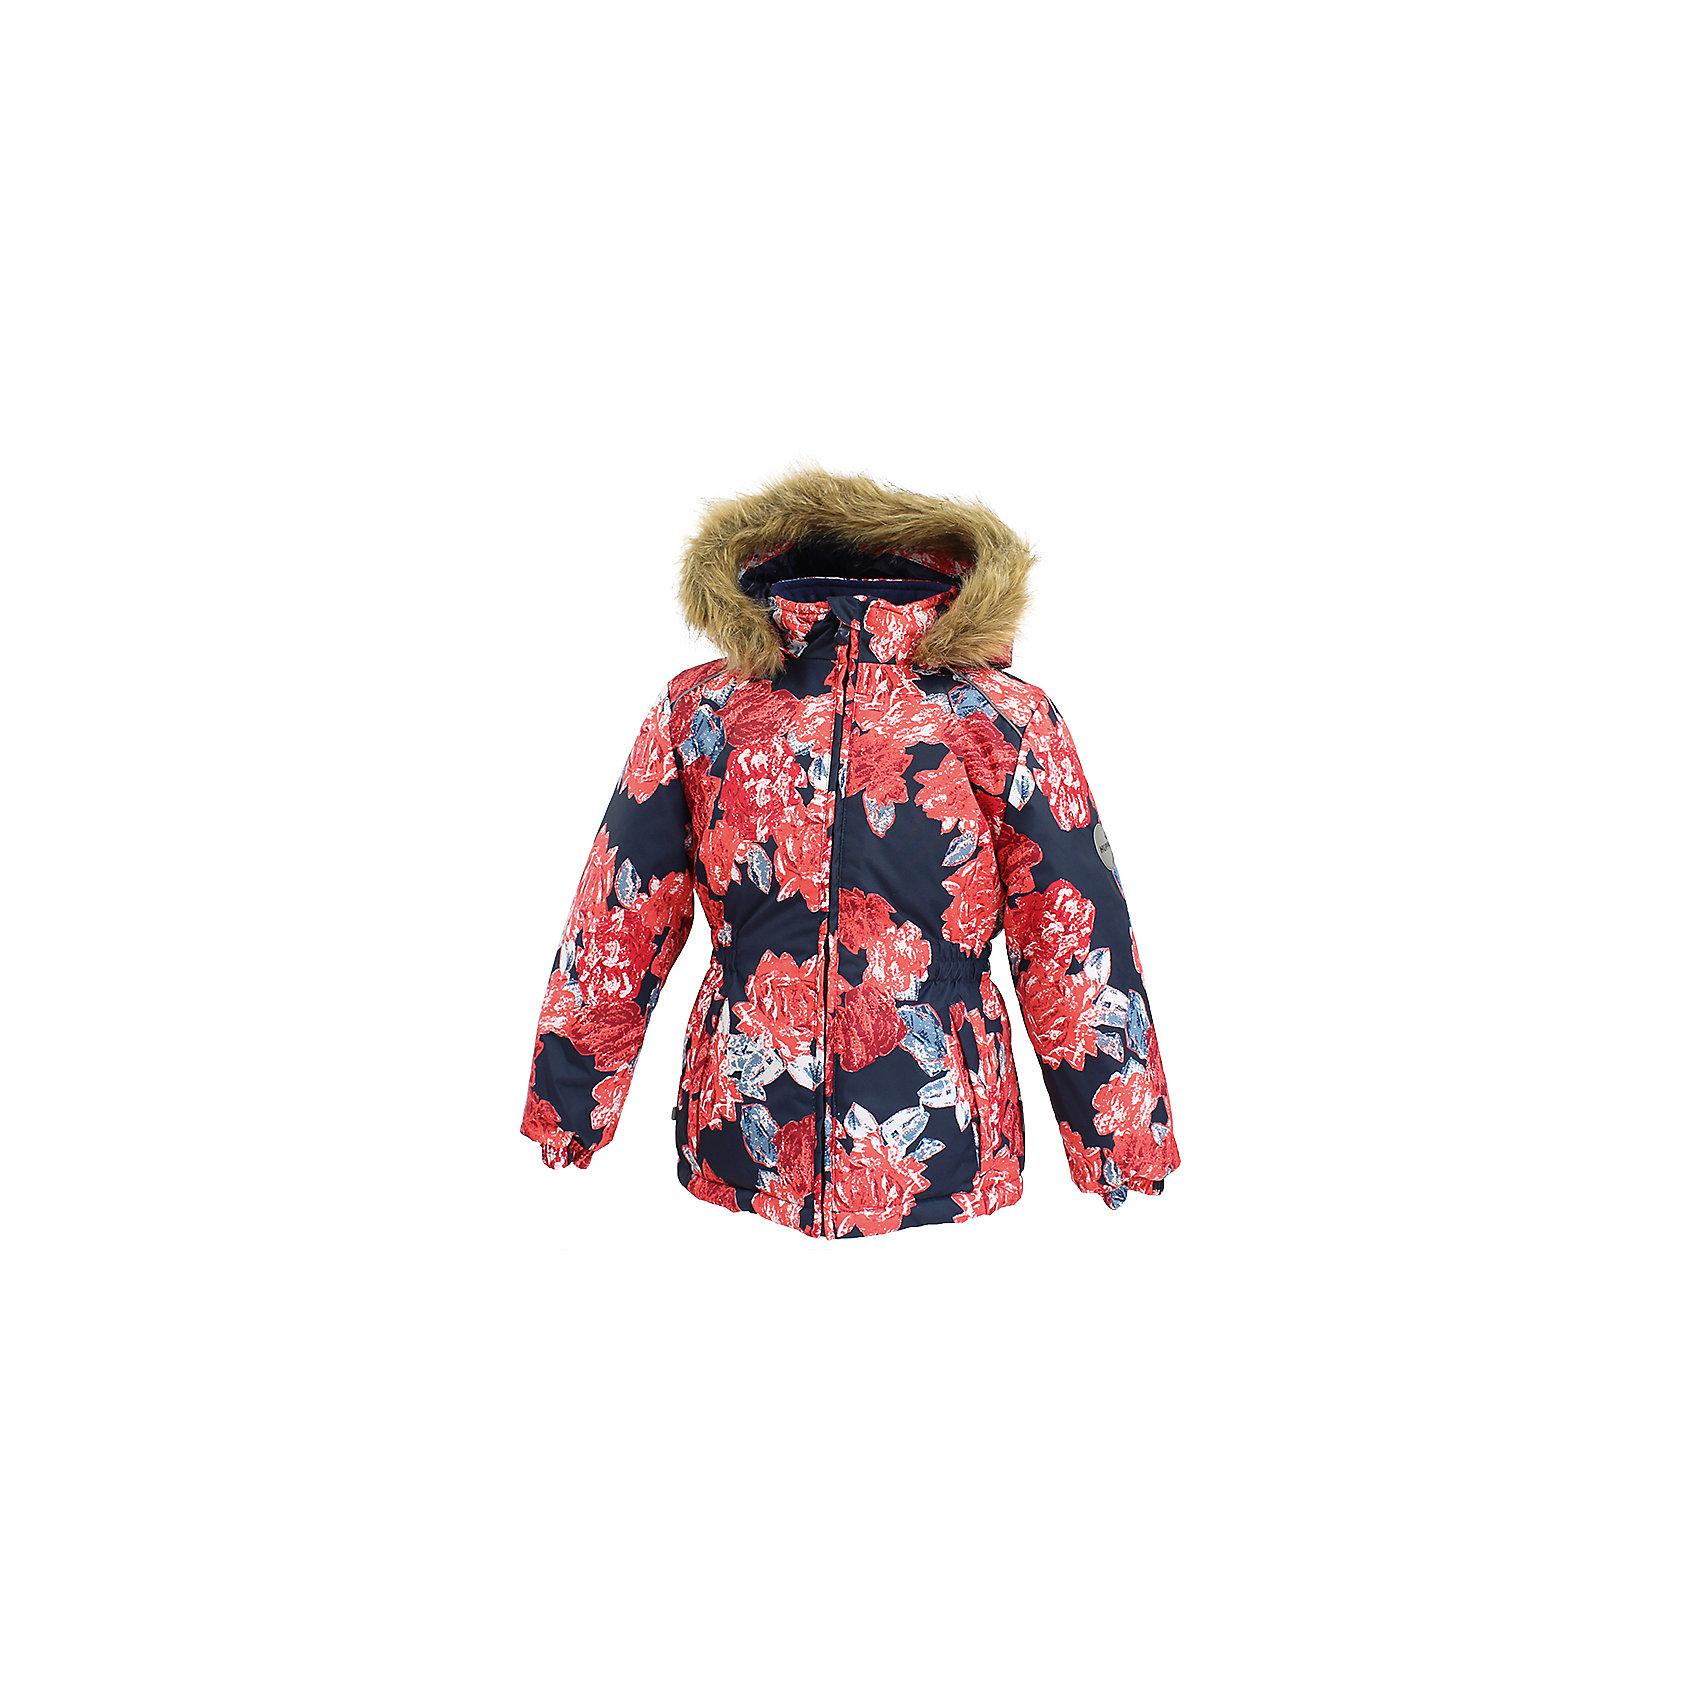 Куртка MARII Huppa для девочкиВерхняя одежда<br>Куртка для девочек MARII.Водо и воздухонепроницаемость 10 000. Утеплитель 300 гр. Подкладка тафта, флис 100% полиэстер. Отстегивающийся капюшон с мехом. Манжеты рукавов на резинке. Имеются светоотражательные детали.<br>Состав:<br>100% Полиэстер<br><br>Ширина мм: 356<br>Глубина мм: 10<br>Высота мм: 245<br>Вес г: 519<br>Цвет: синий<br>Возраст от месяцев: 108<br>Возраст до месяцев: 120<br>Пол: Женский<br>Возраст: Детский<br>Размер: 140,110,116,122,128,134<br>SKU: 7027337